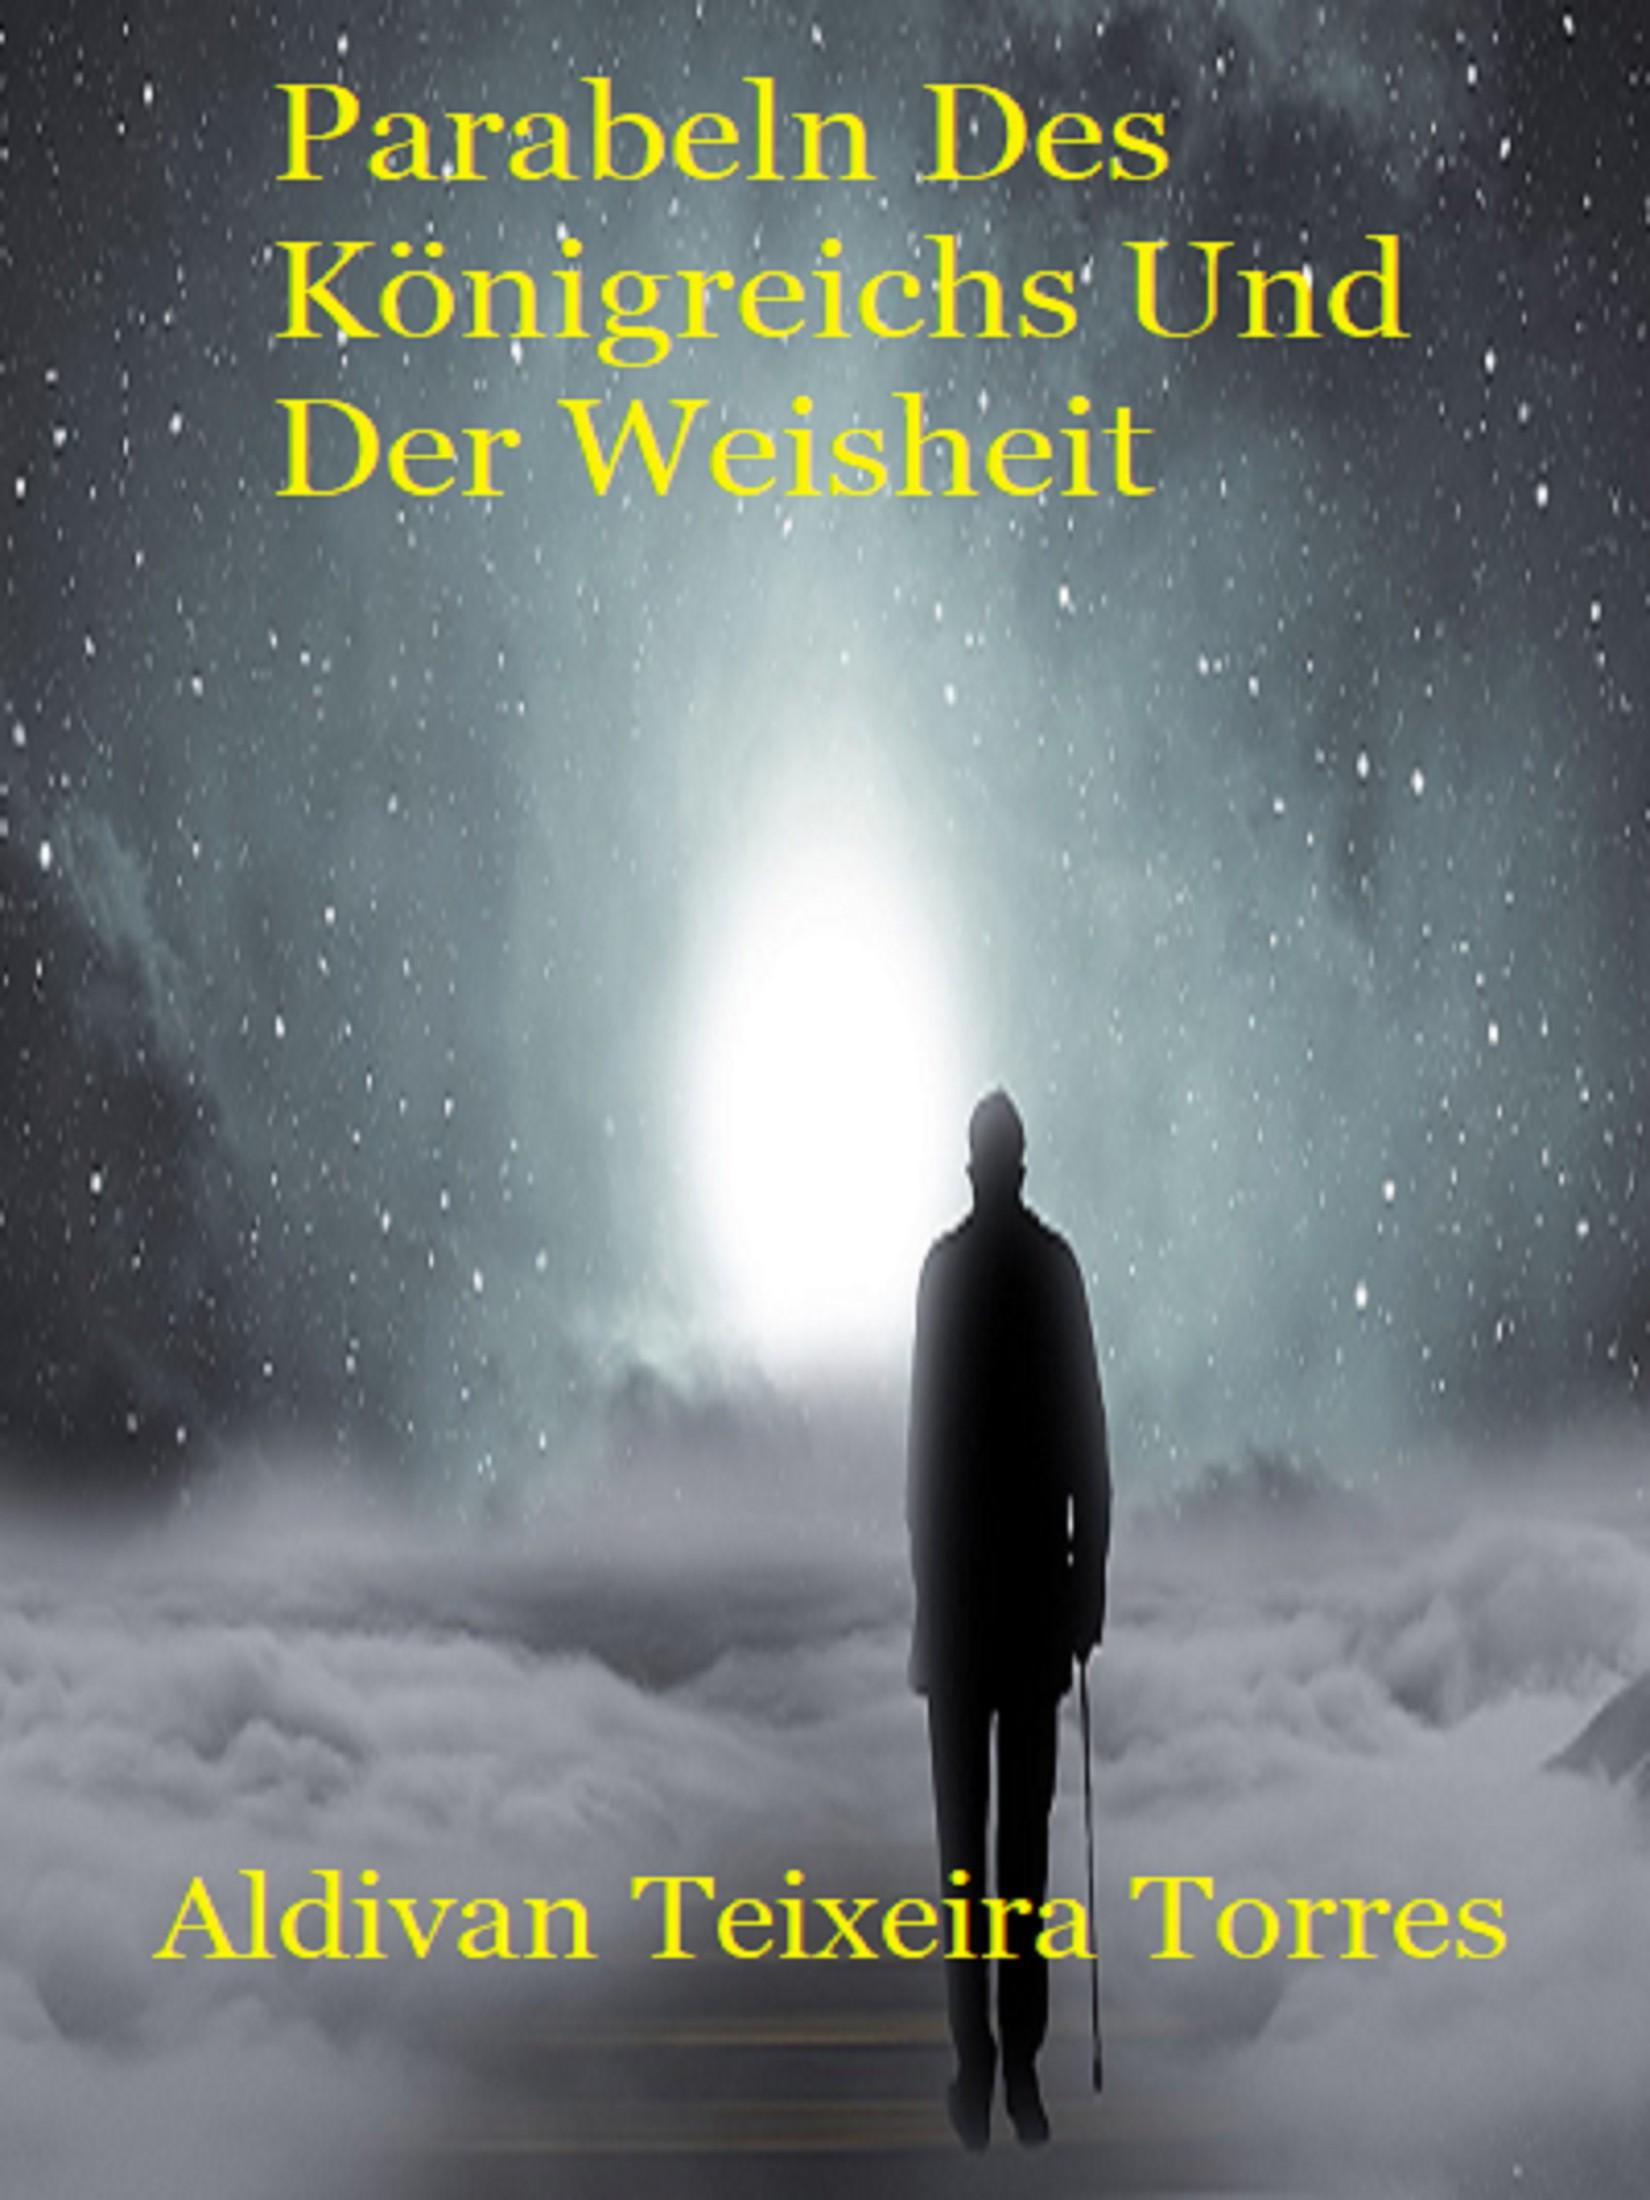 цены Aldivan Teixeira Torres Parabeln Des Königreichs Und Der Weisheit